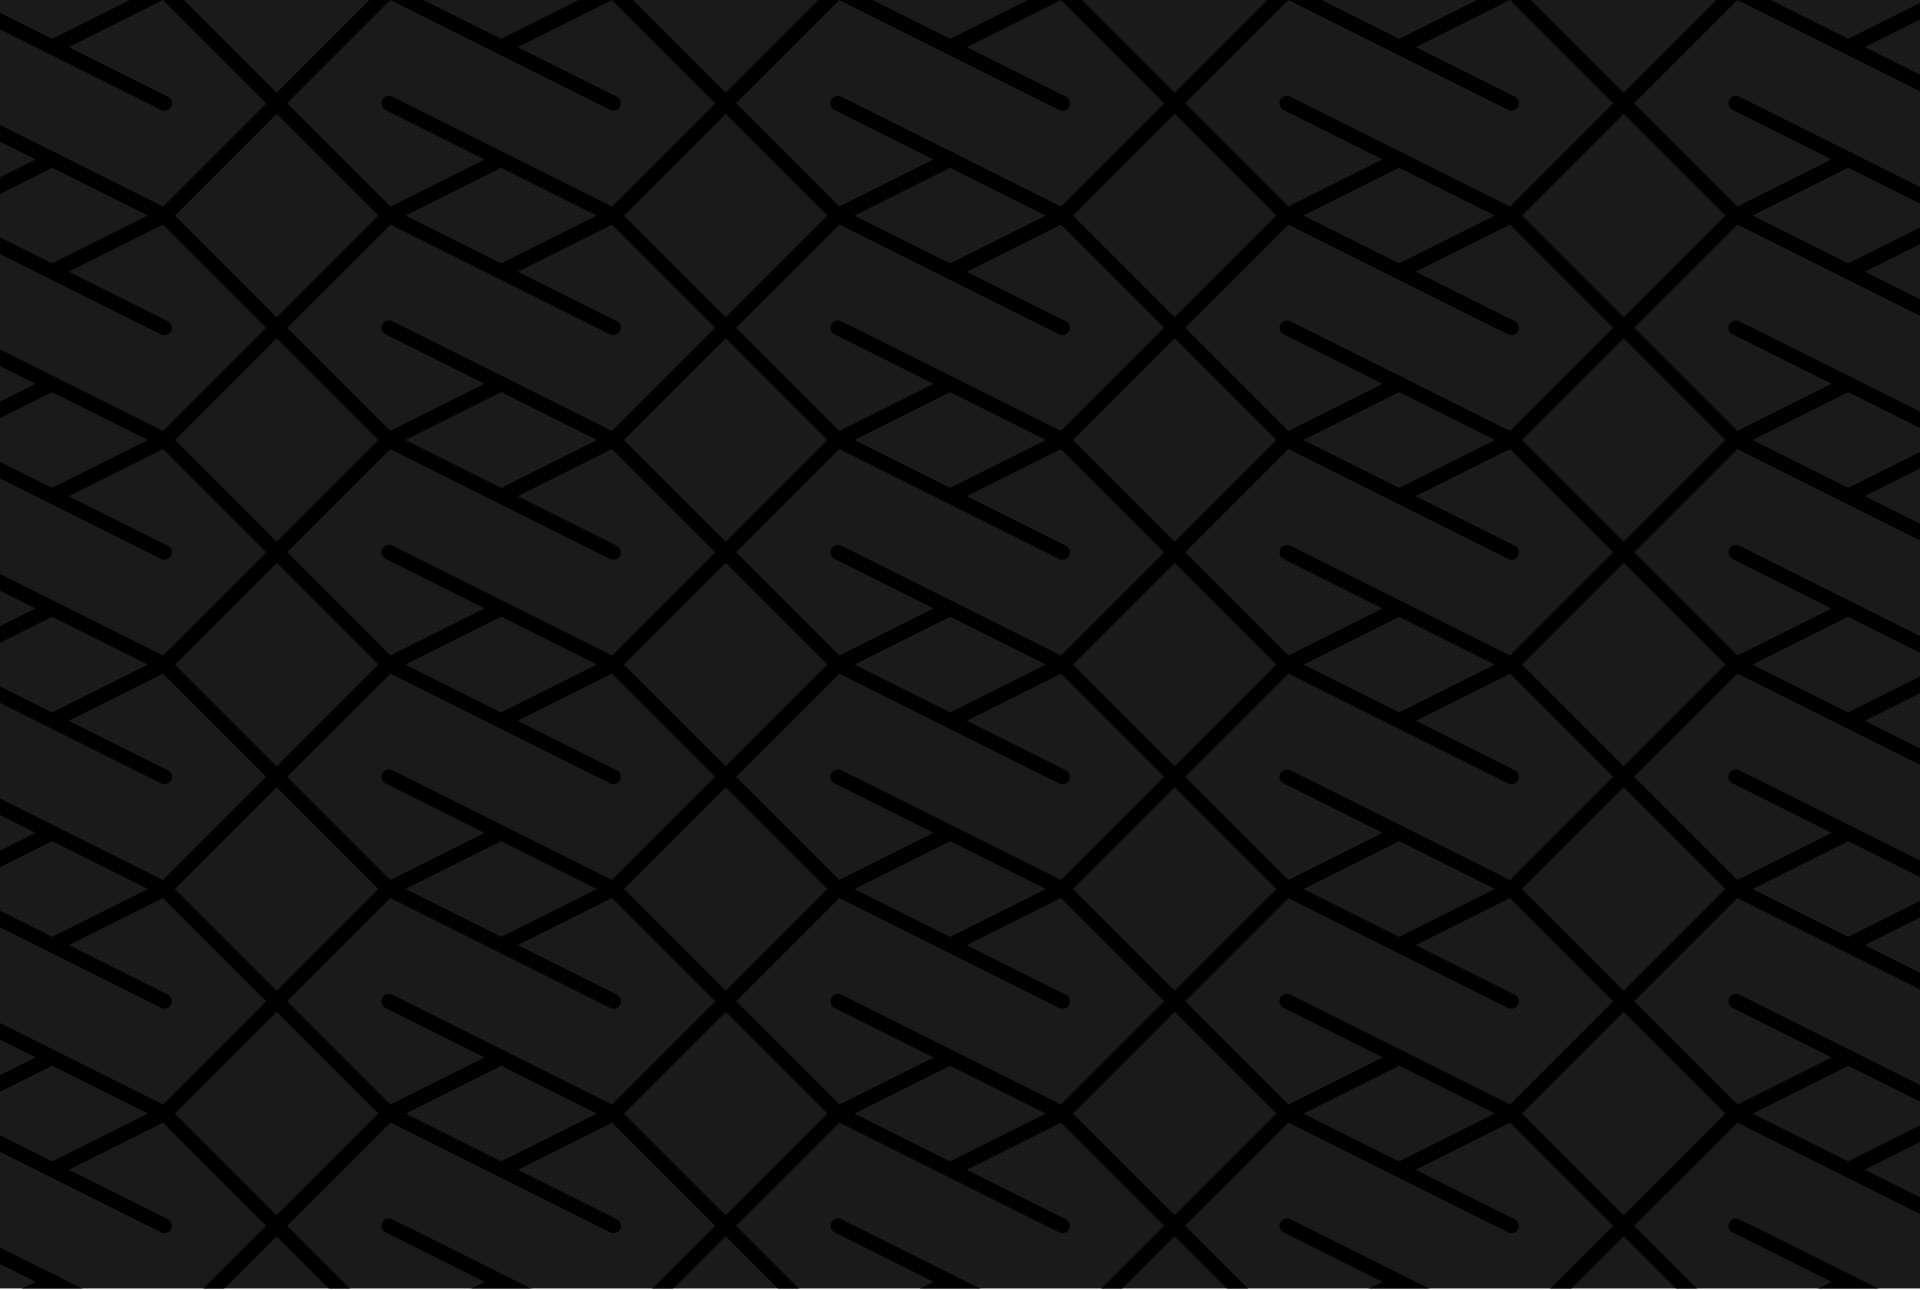 Déclinaison en noir de la trame utilisée dans la charte graphique du projet Infinity